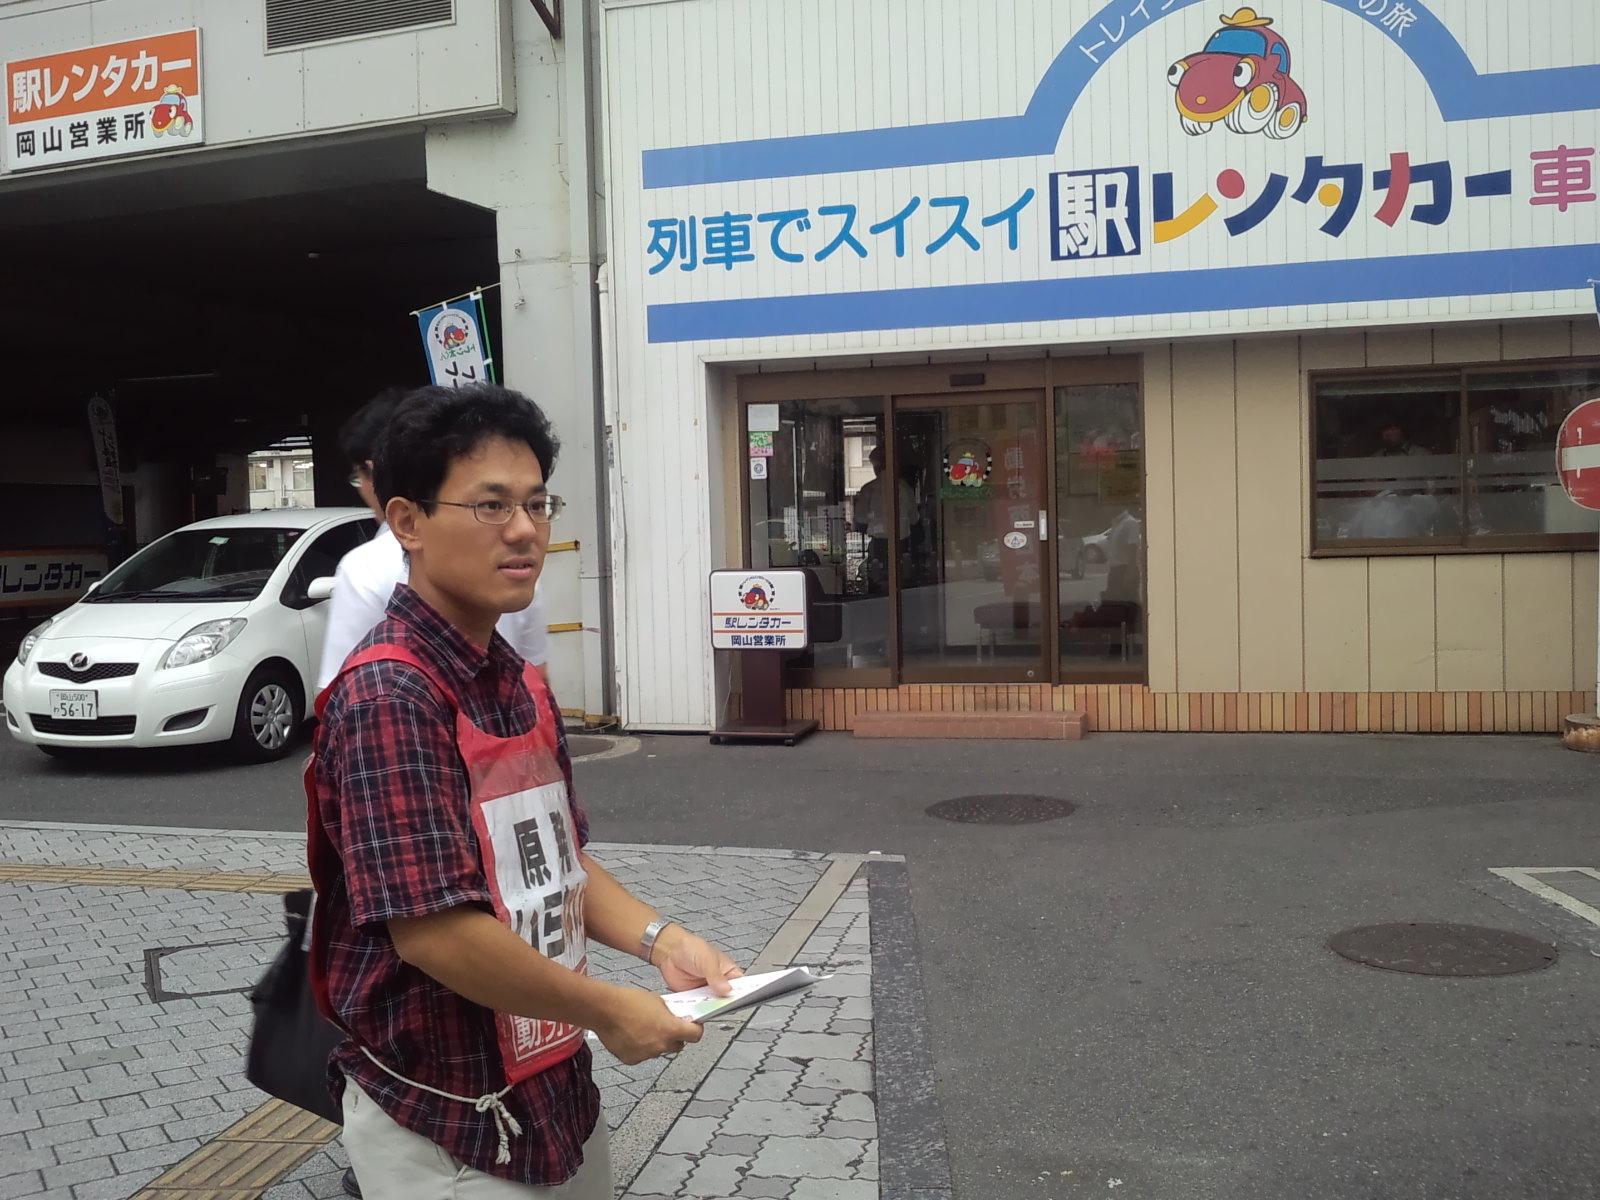 8月25日(木)岡山駅東口_d0155415_11102468.jpg